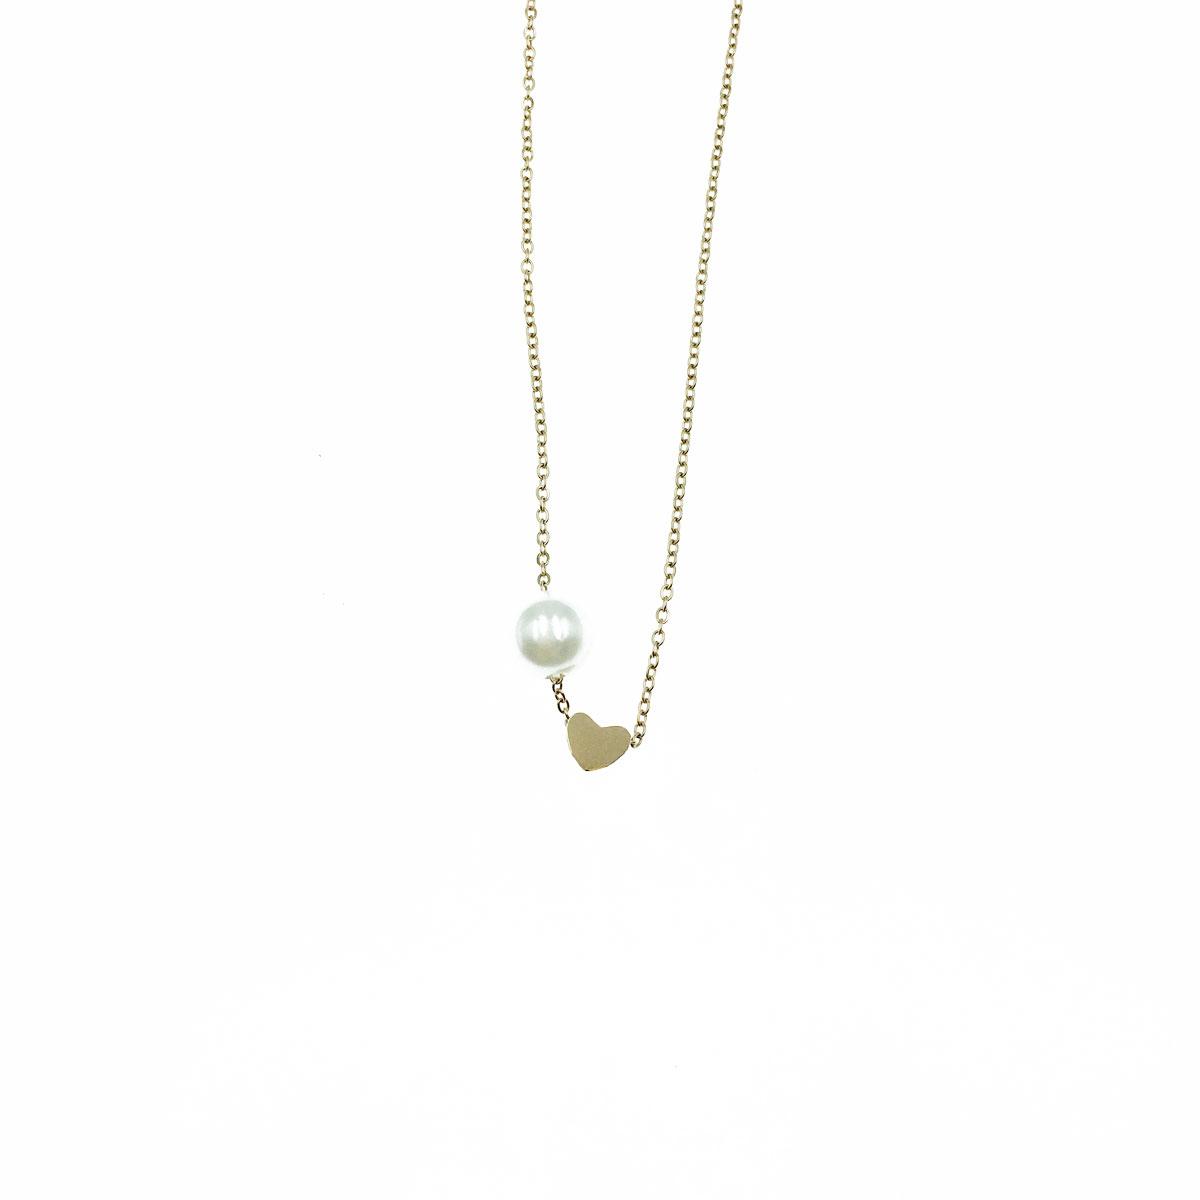 韓國 不銹鋼 珍珠 愛心 簡約 鎖骨鍊 項鍊 短鍊 飾品